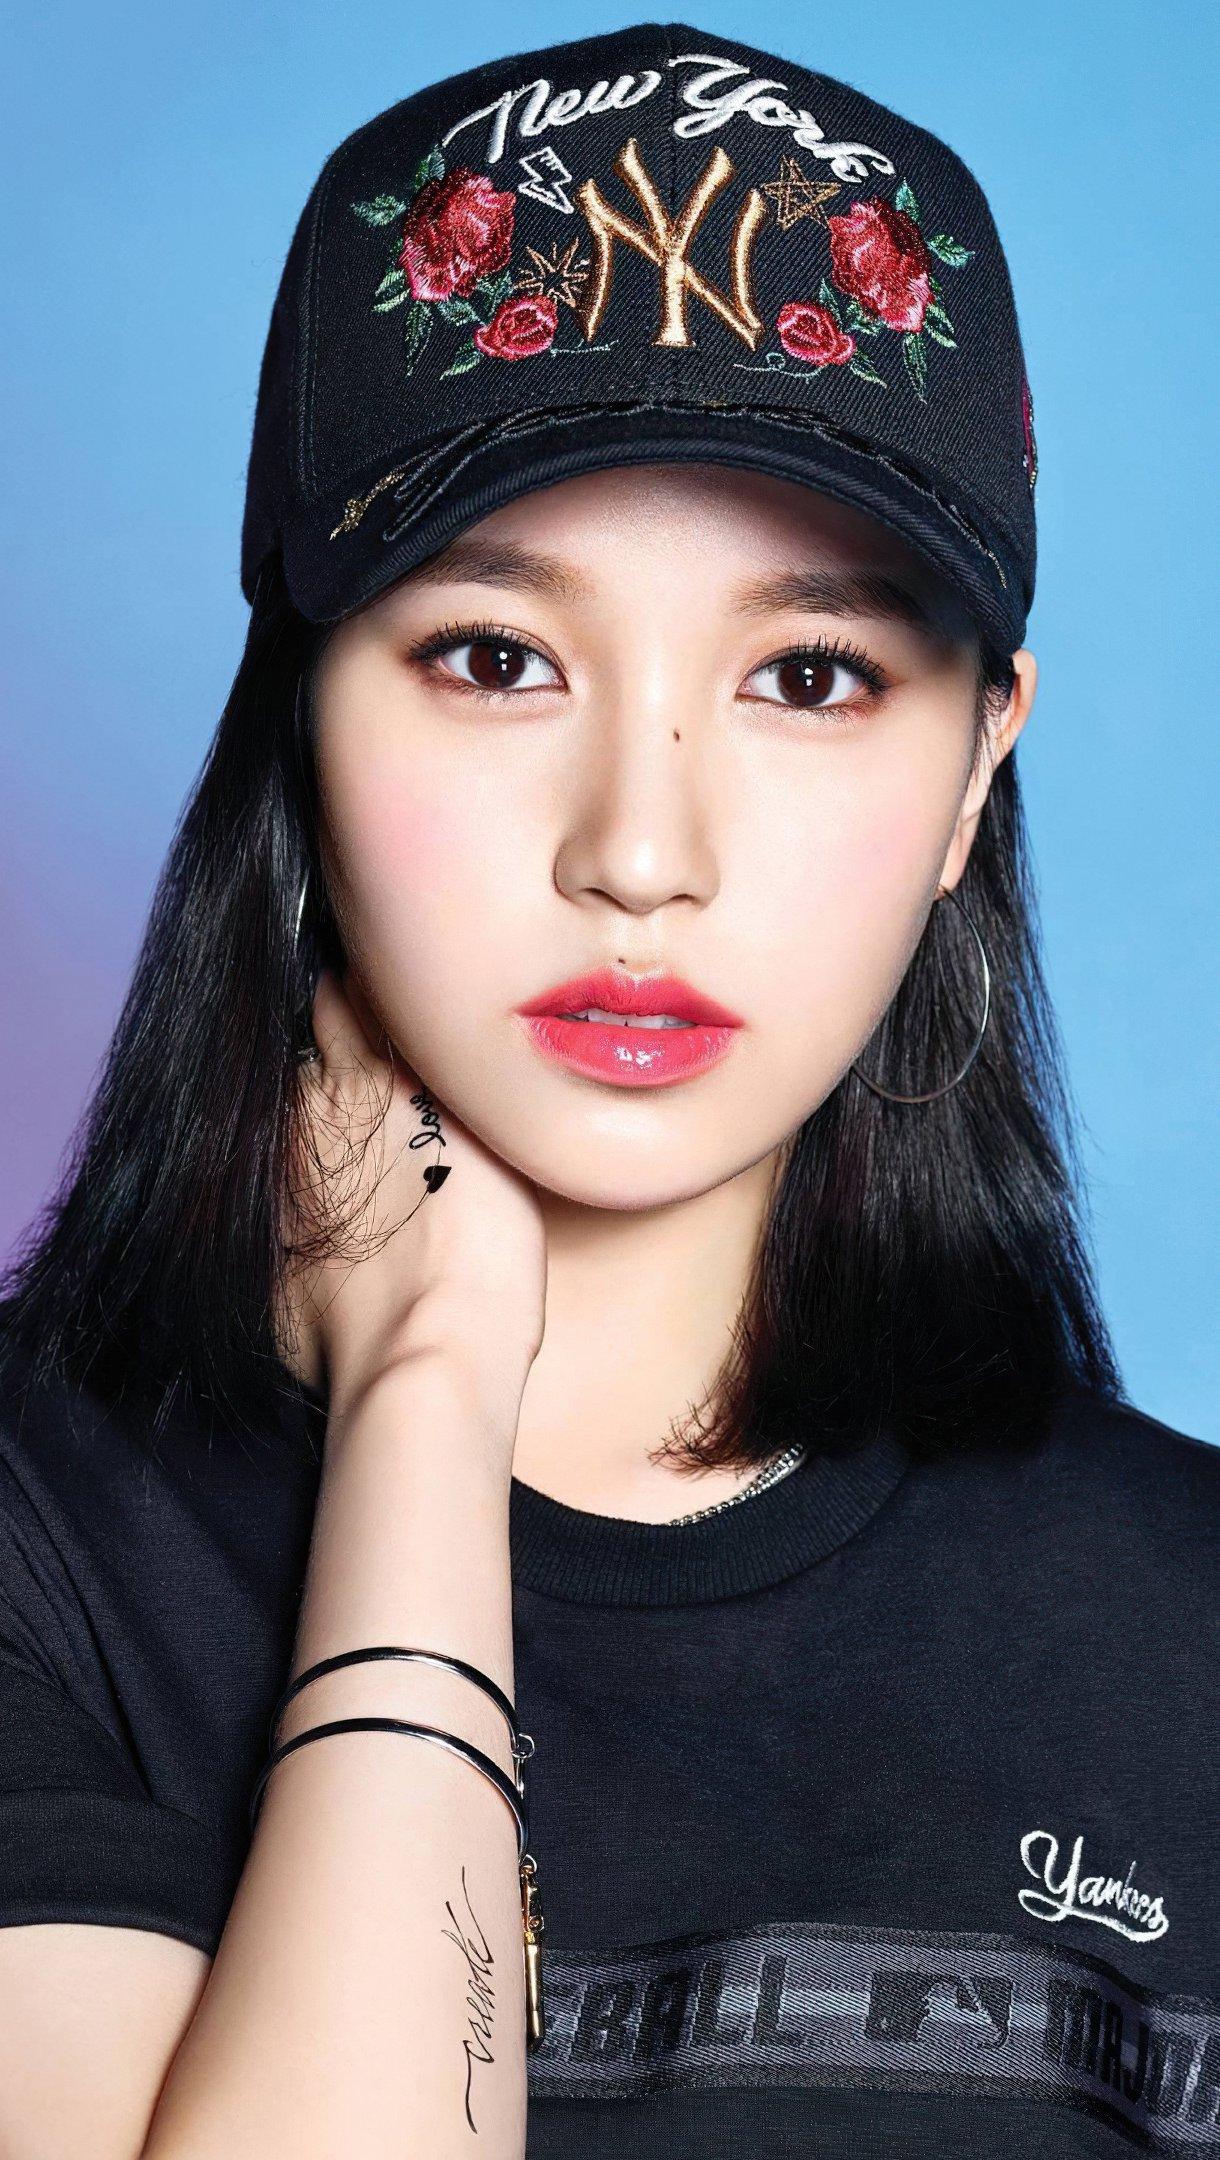 Fondos de pantalla Mina cantante de Kpop Vertical